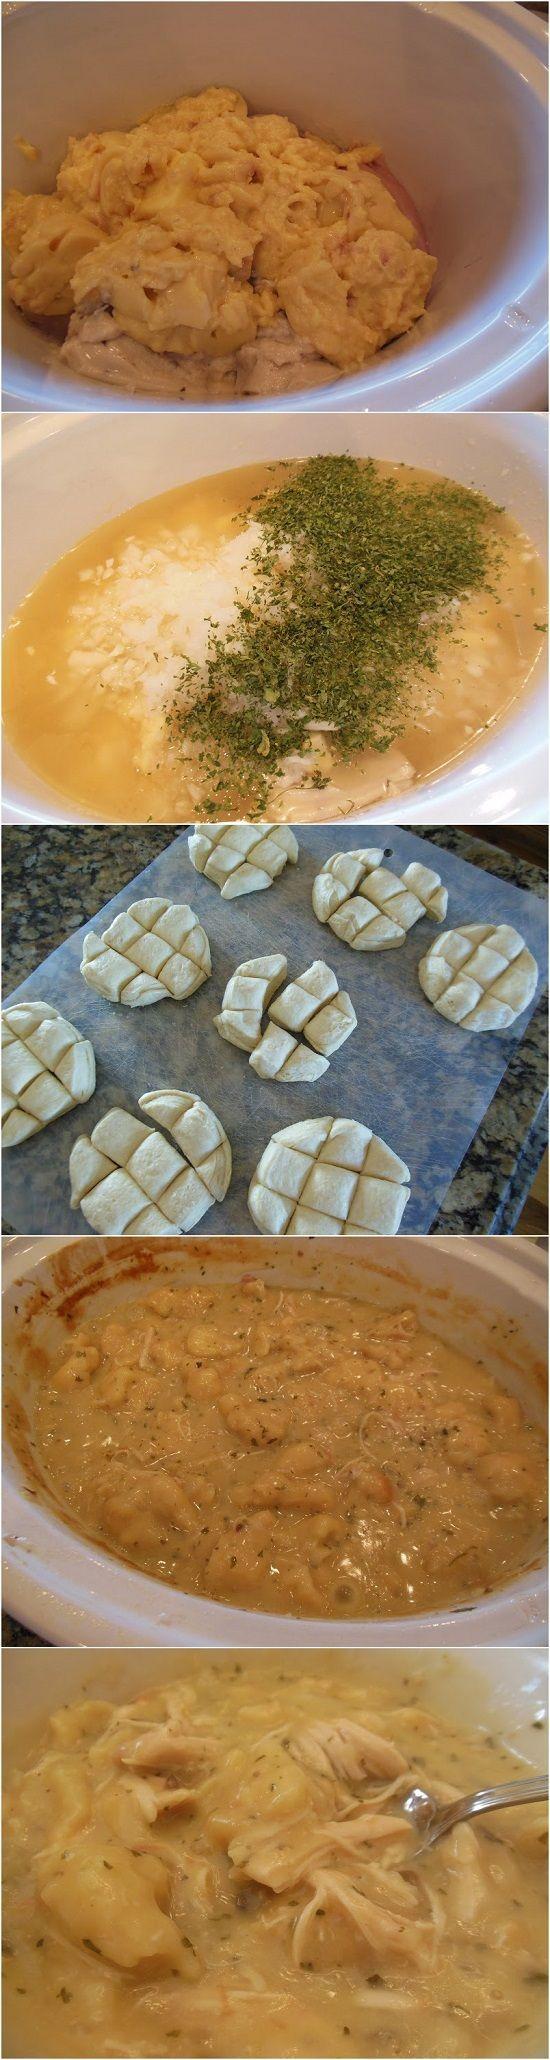 Crockpot chicken and dumplings - Viral On Web